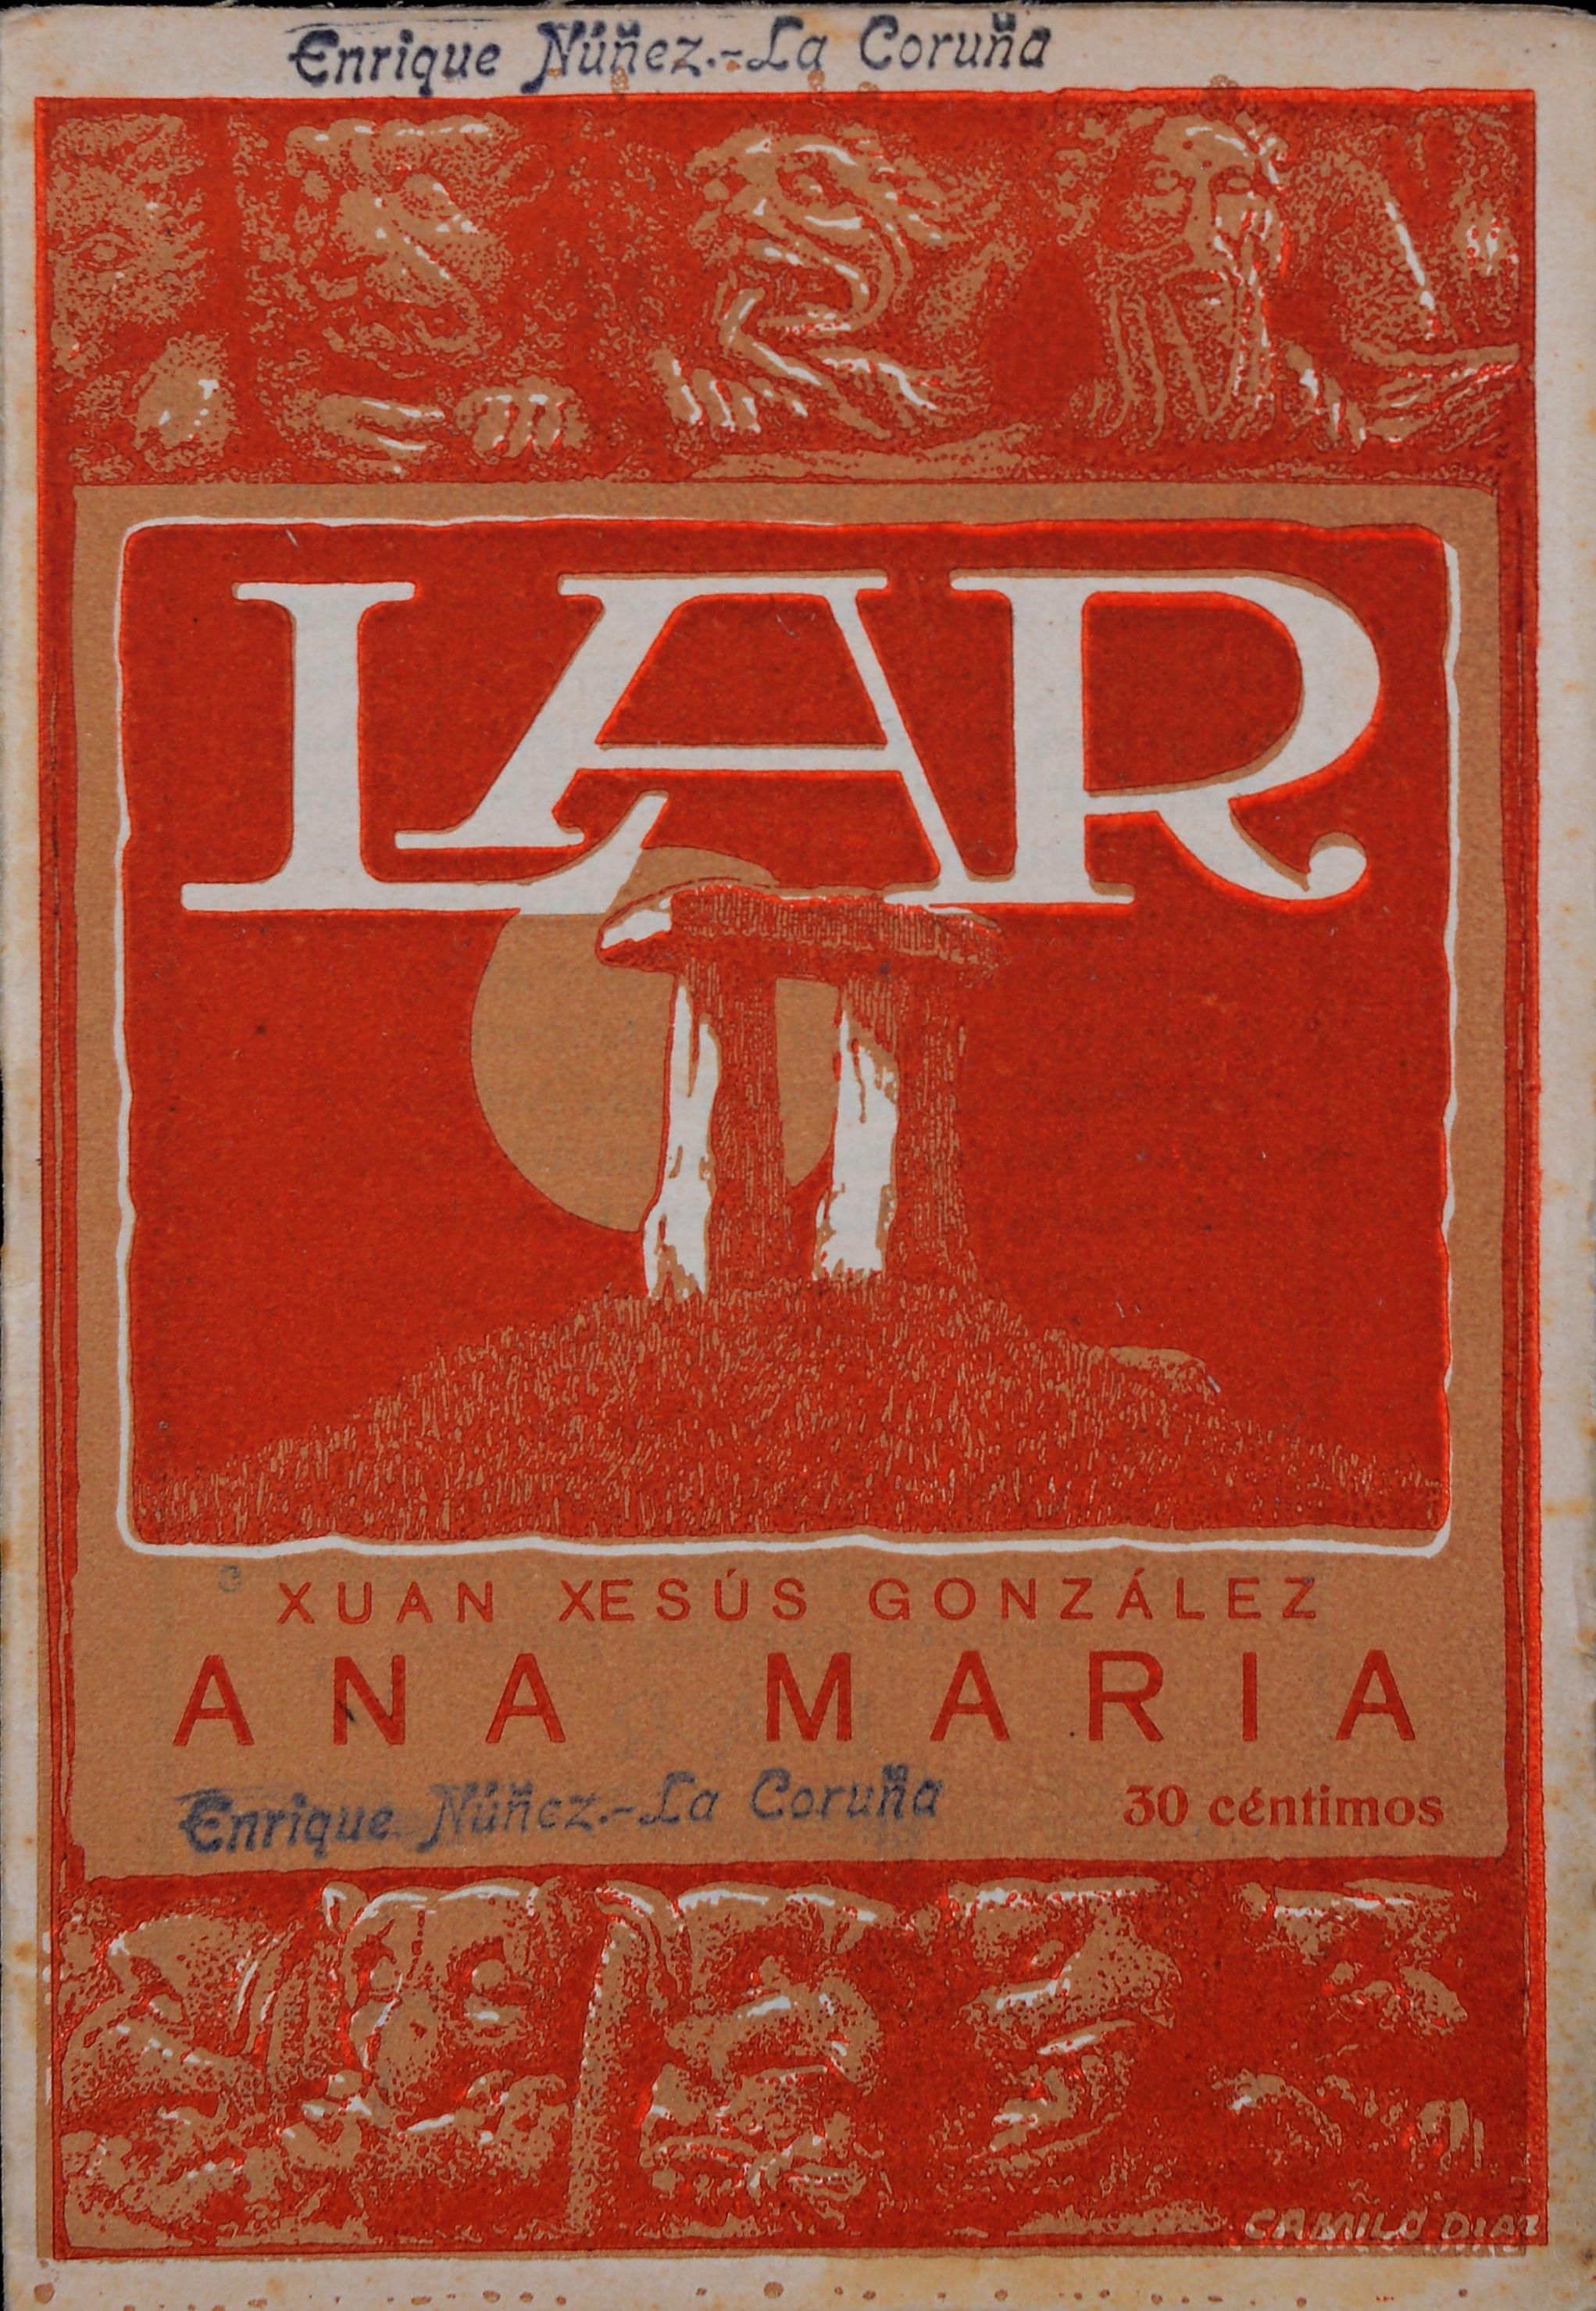 Portada de la revista Lar en color rojo. En el centro tiene un dibujo de un dolmen en una colina. La parte superior y la parte inferior están decoradas con gárgolas